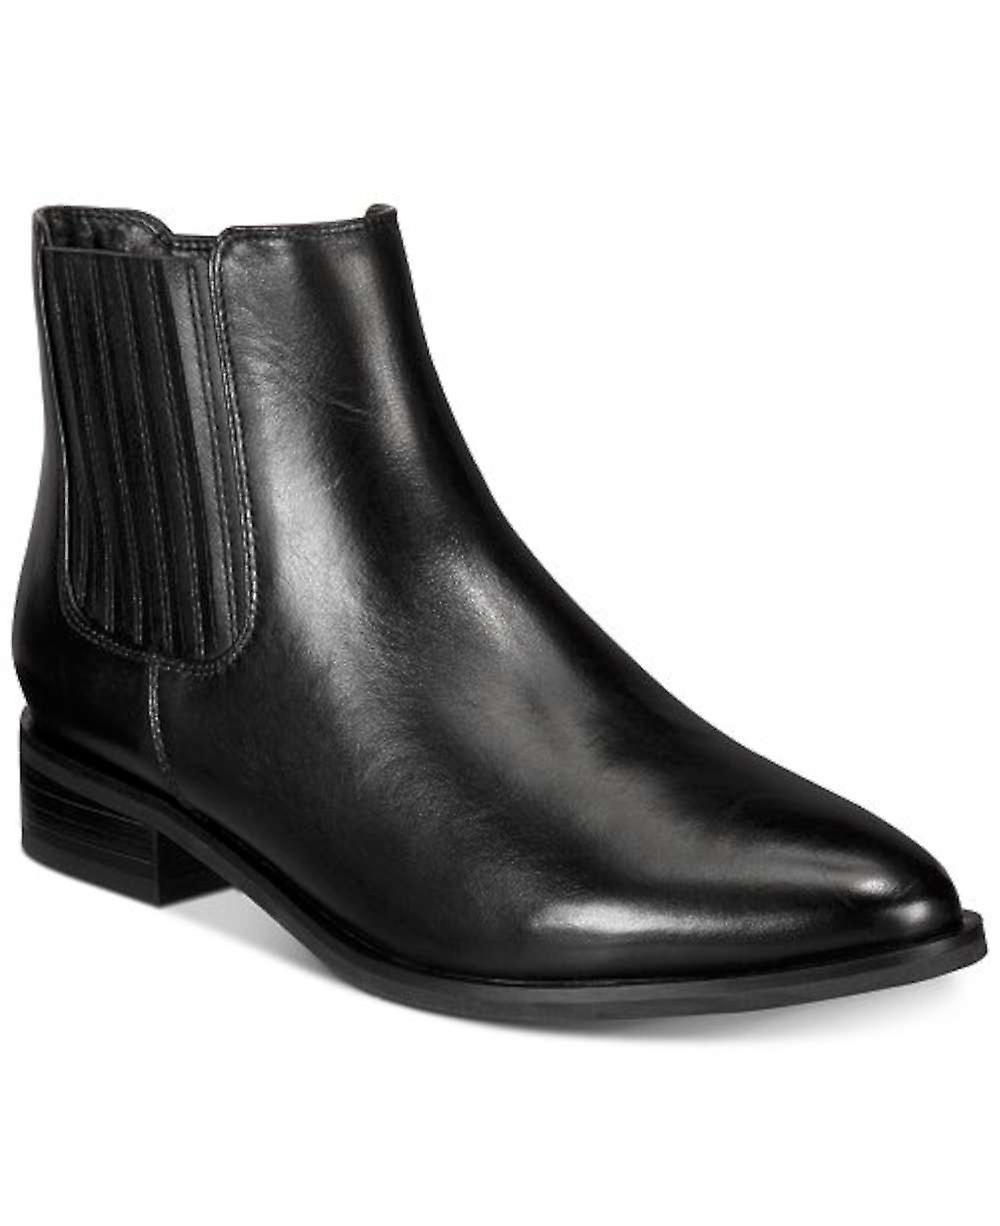 Aqua College Kvinner Courtney Leather Spiss Tå Ankel Mote Støvler